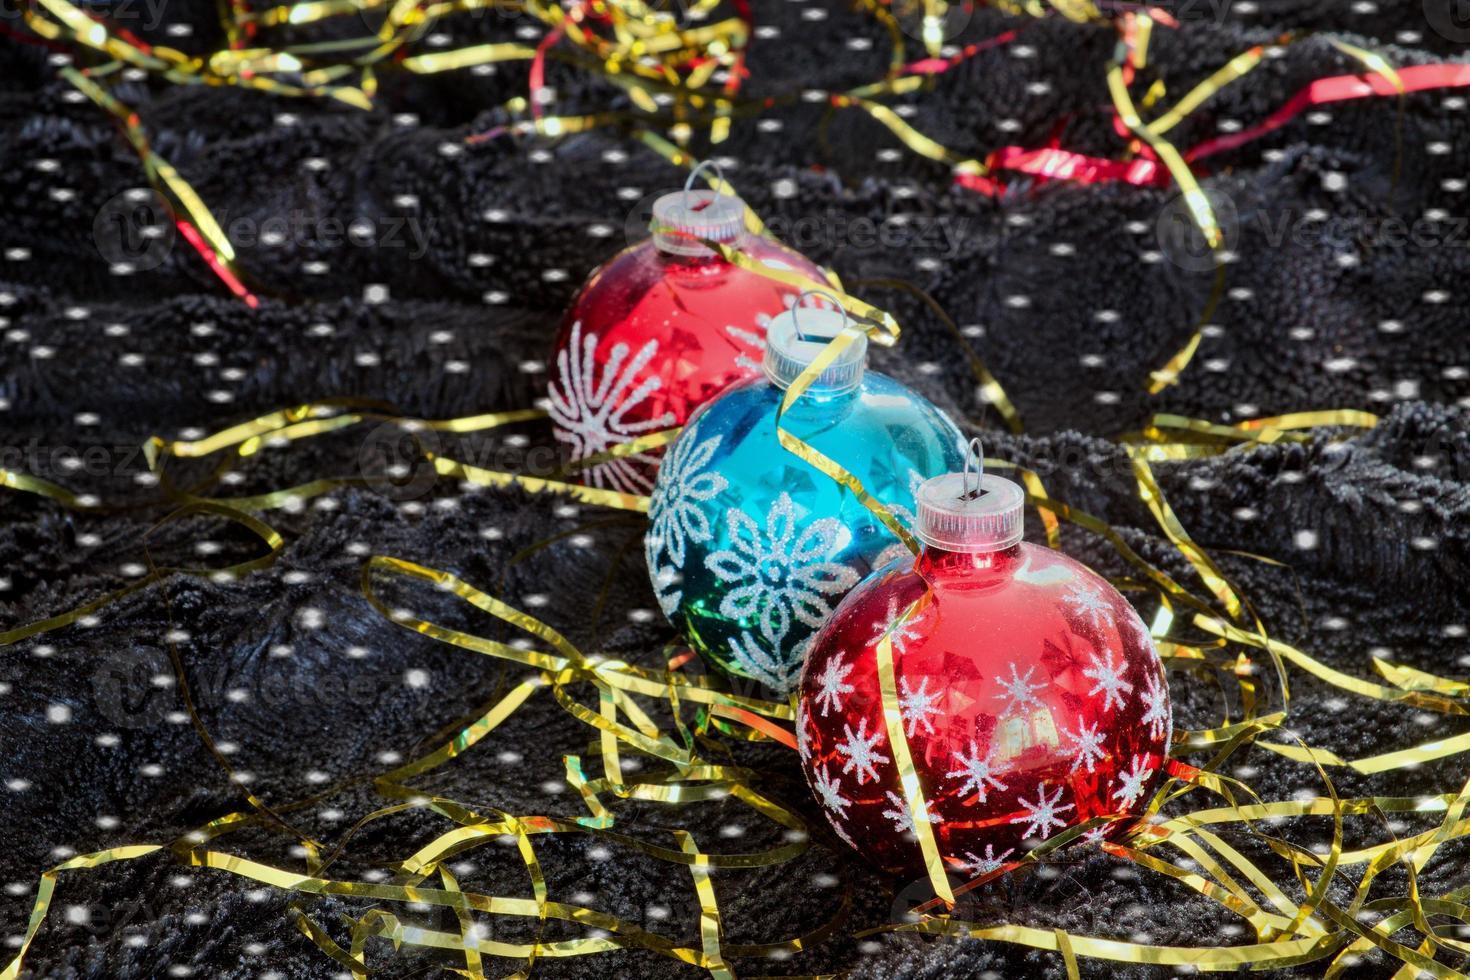 décoration de Noël avec des flocons de neige sur velours noir photo